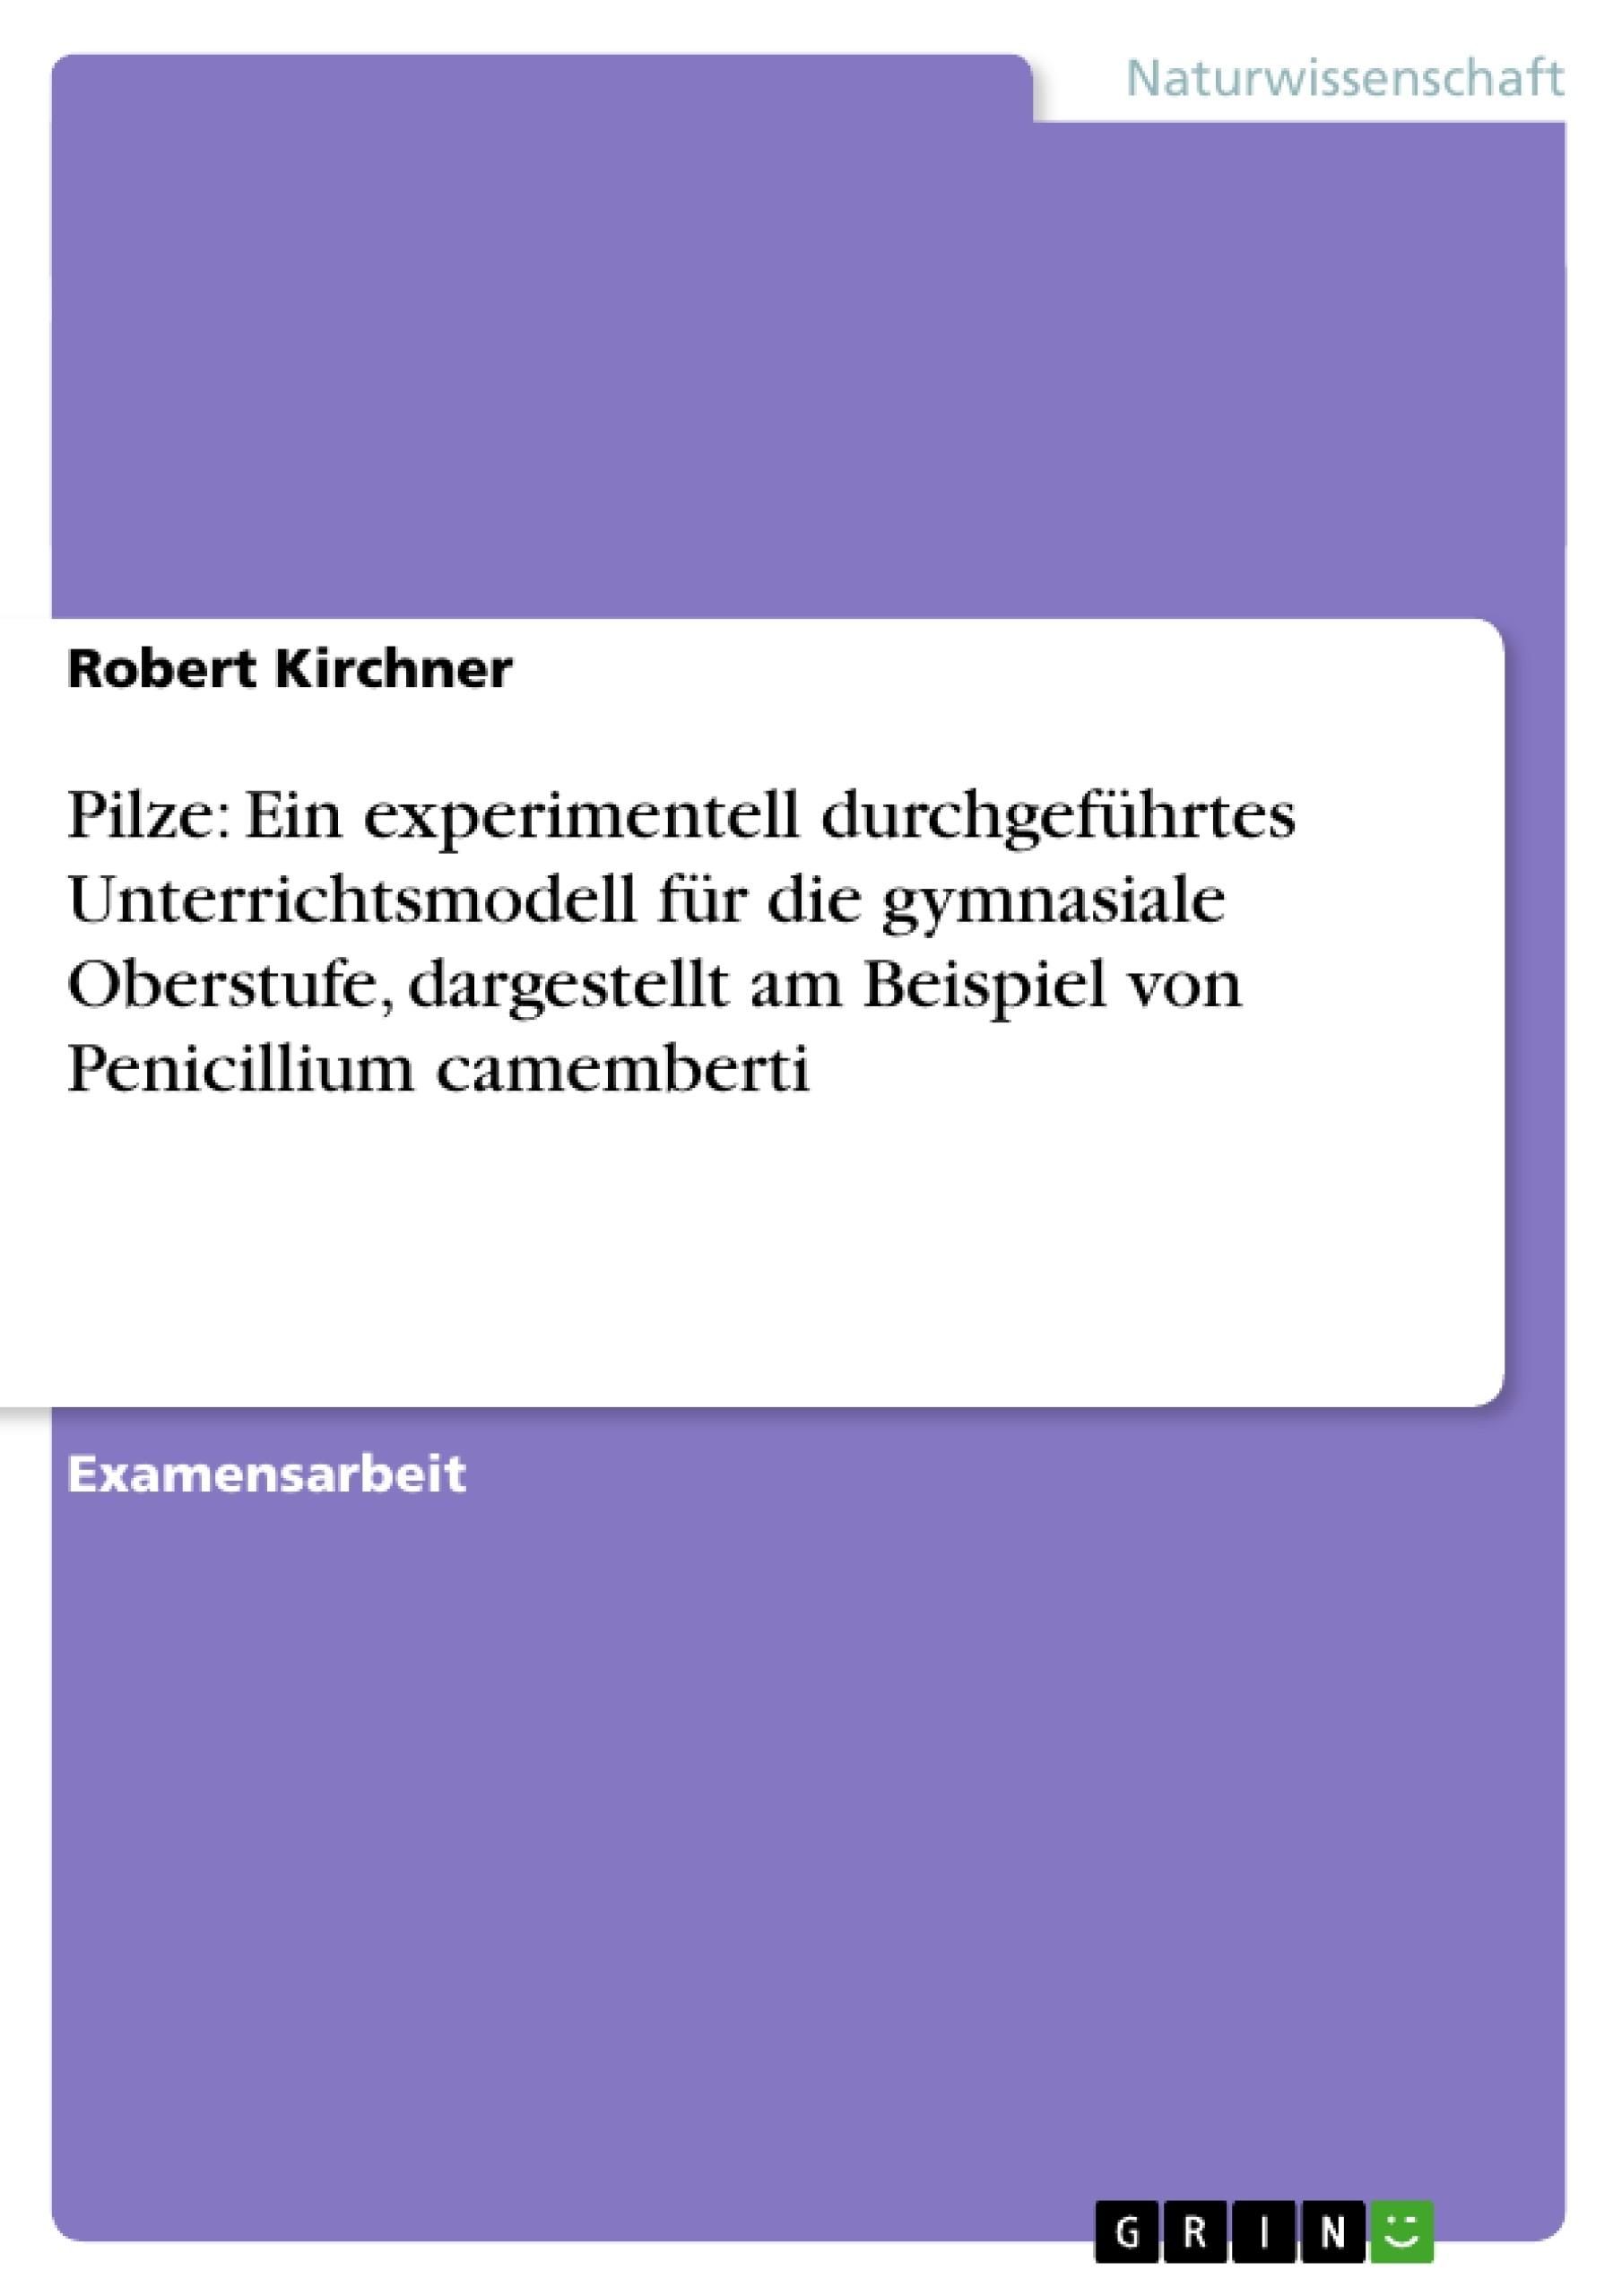 Titel: Pilze: Ein experimentell durchgeführtes Unterrichtsmodell für die gymnasiale Oberstufe, dargestellt am Beispiel von Penicillium camemberti